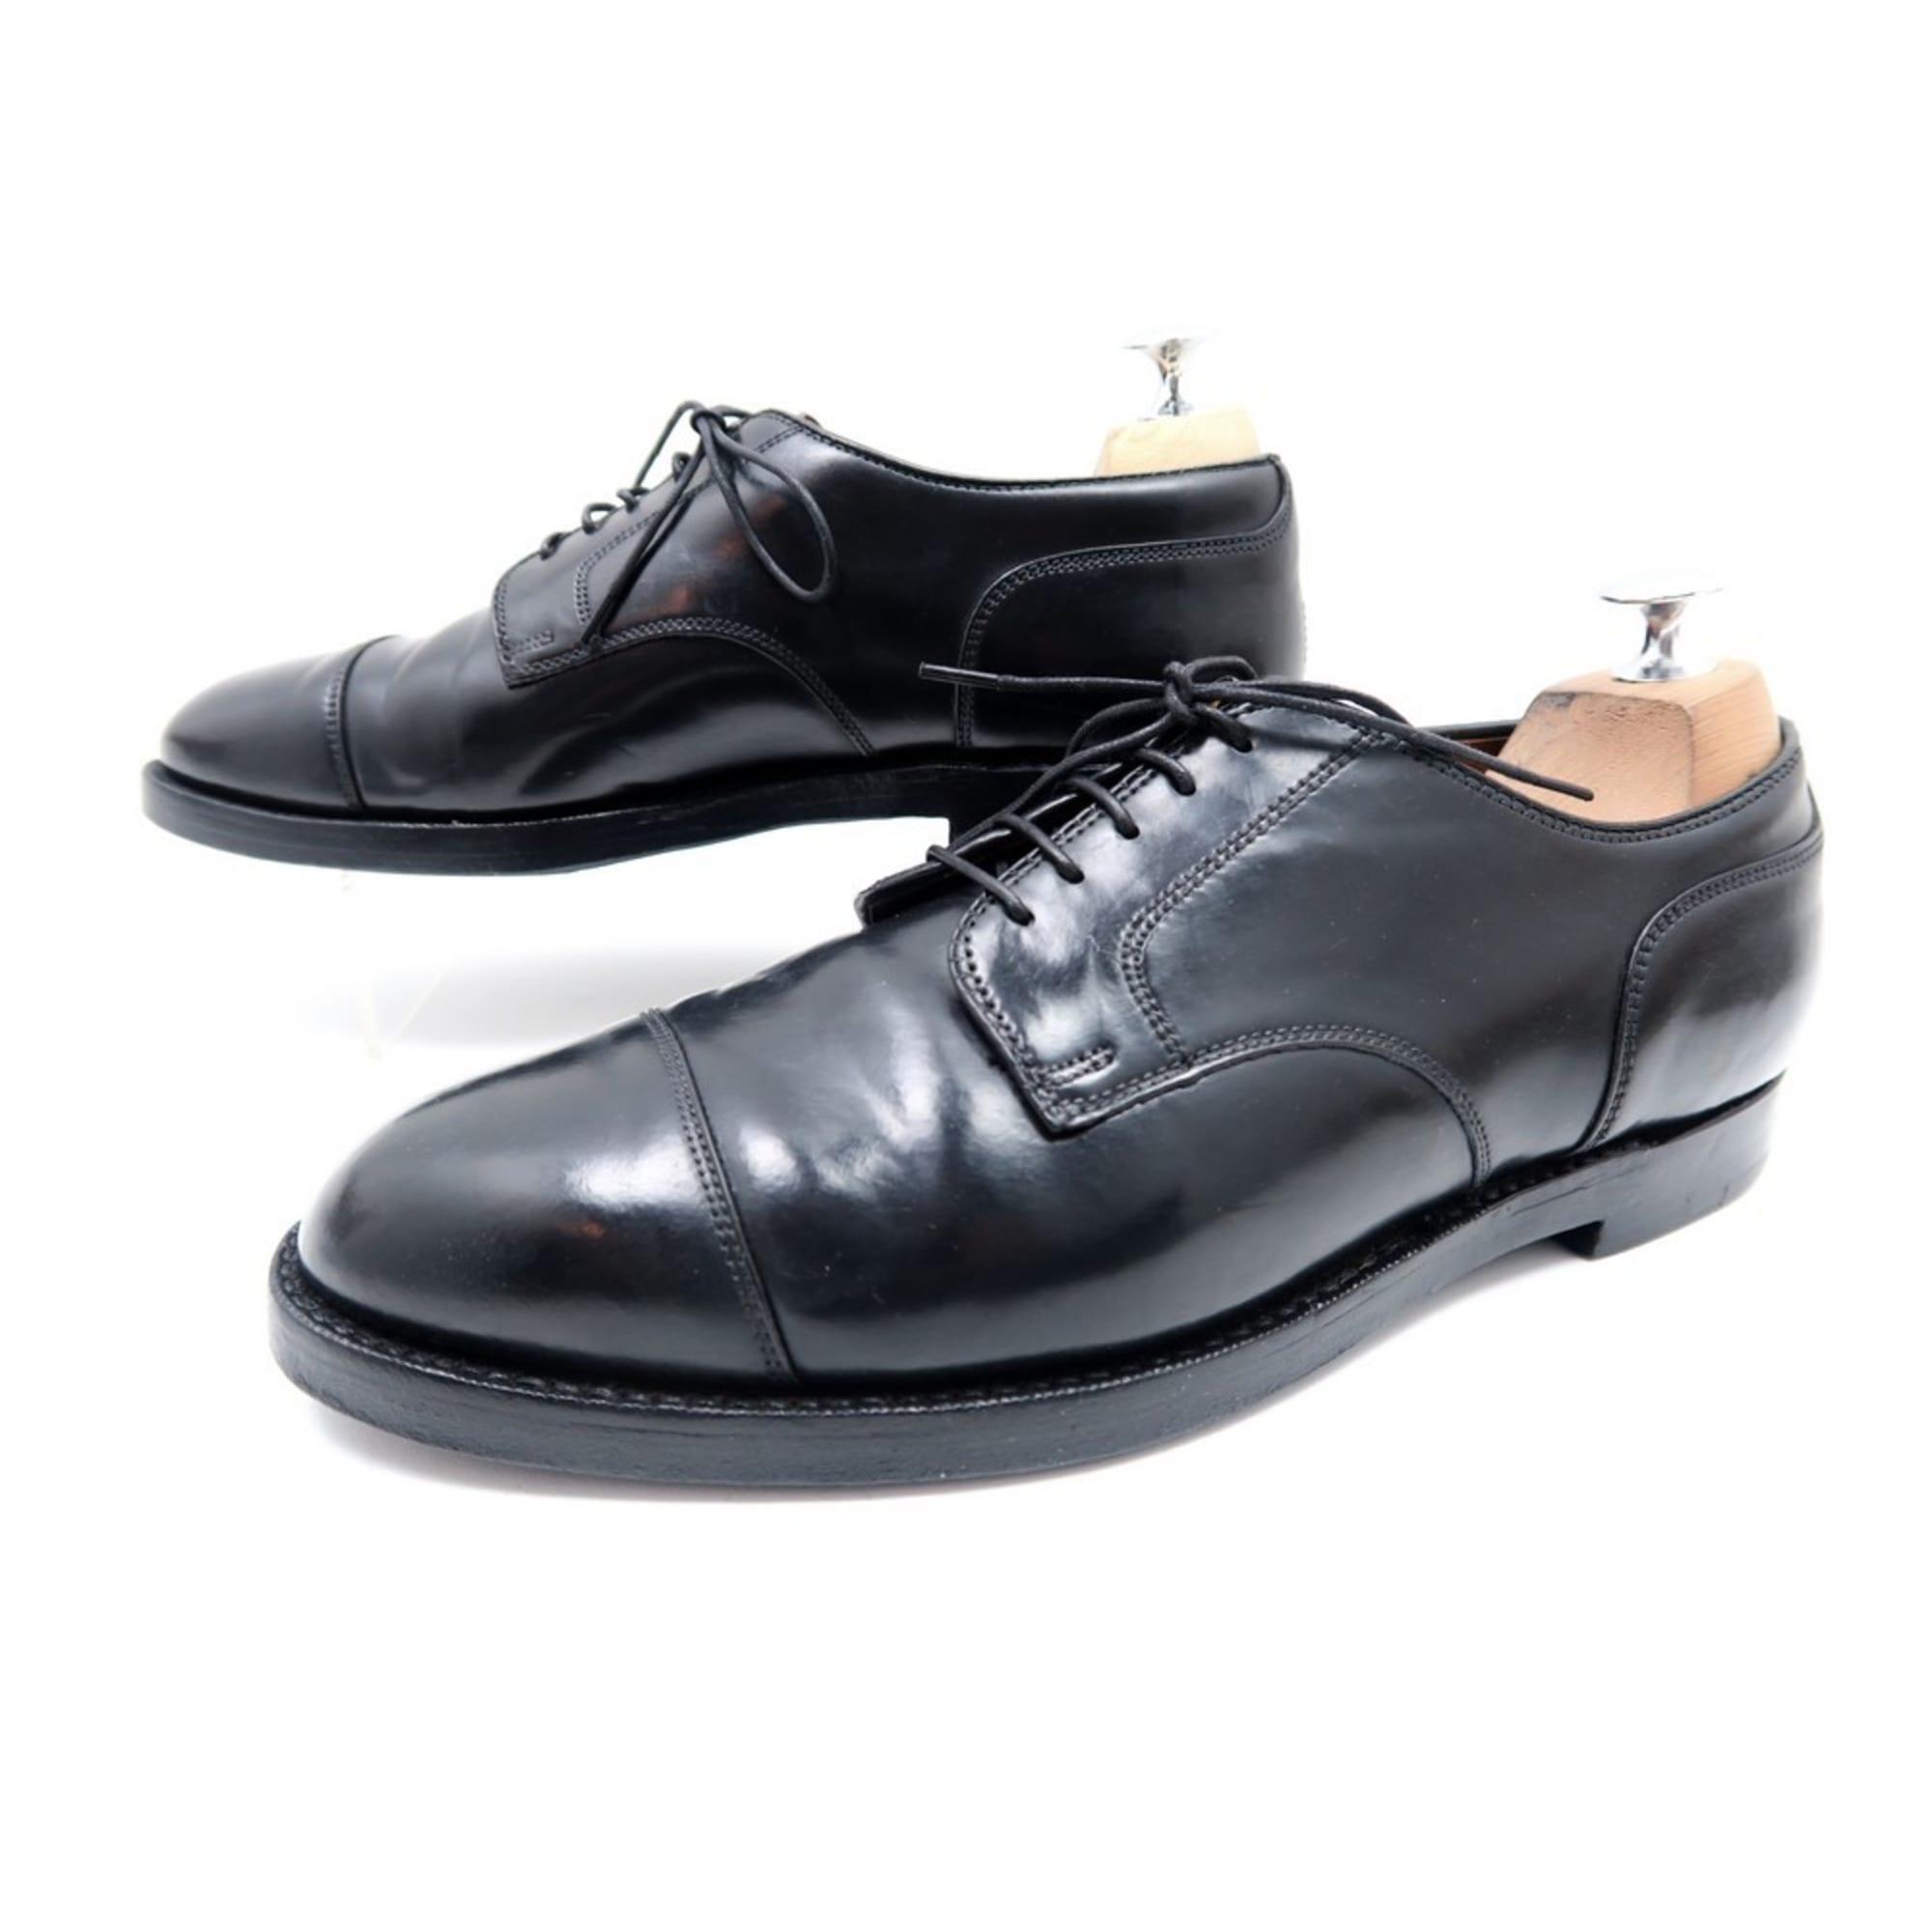 CHAUSSURES - Chaussures à lacetsAlden 5pKLq